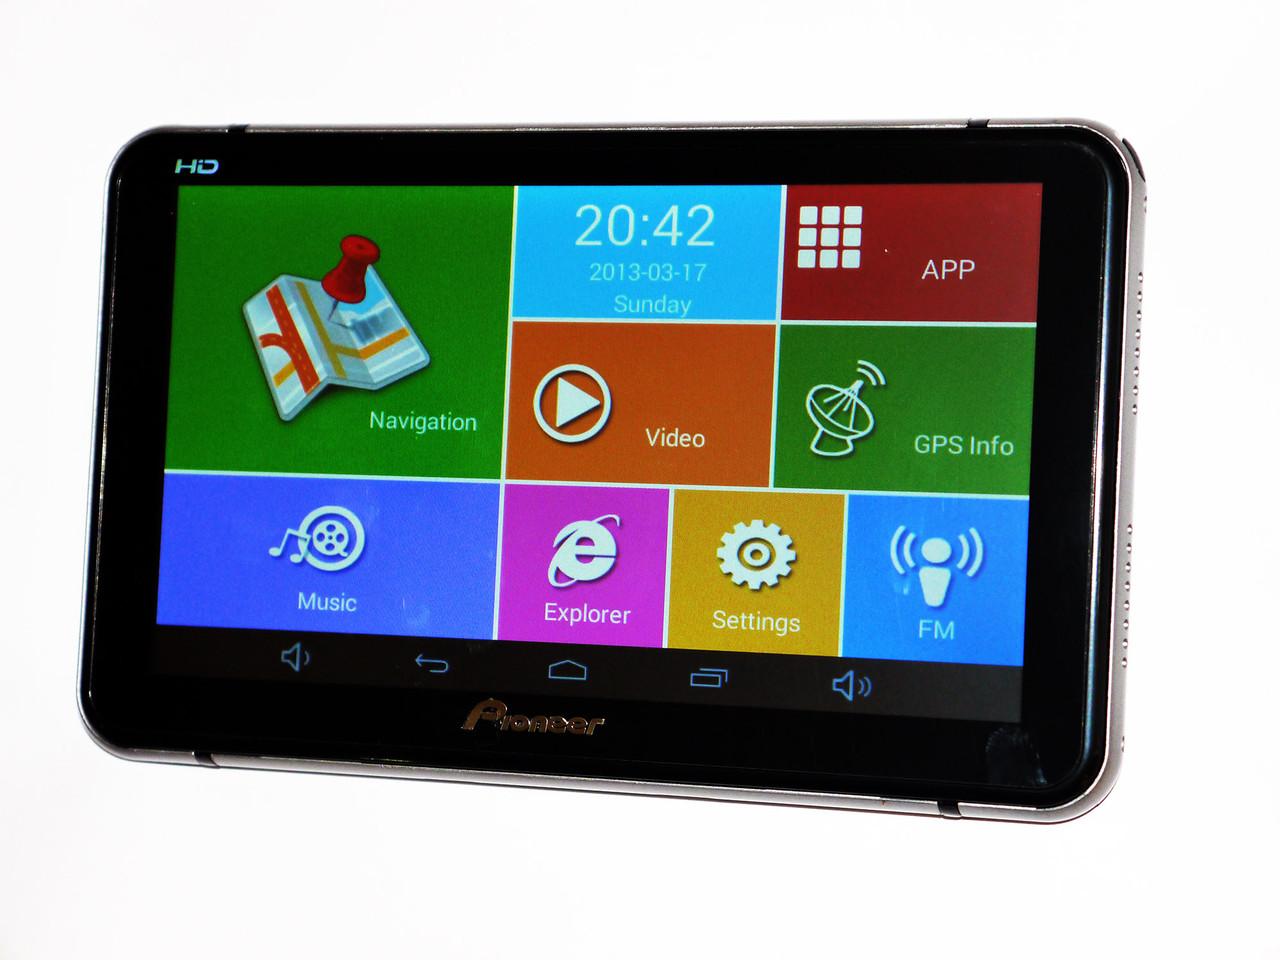 Дропшиппинг крепеж планшета android (андроид) фантик купить комплект летай больше мавик айр